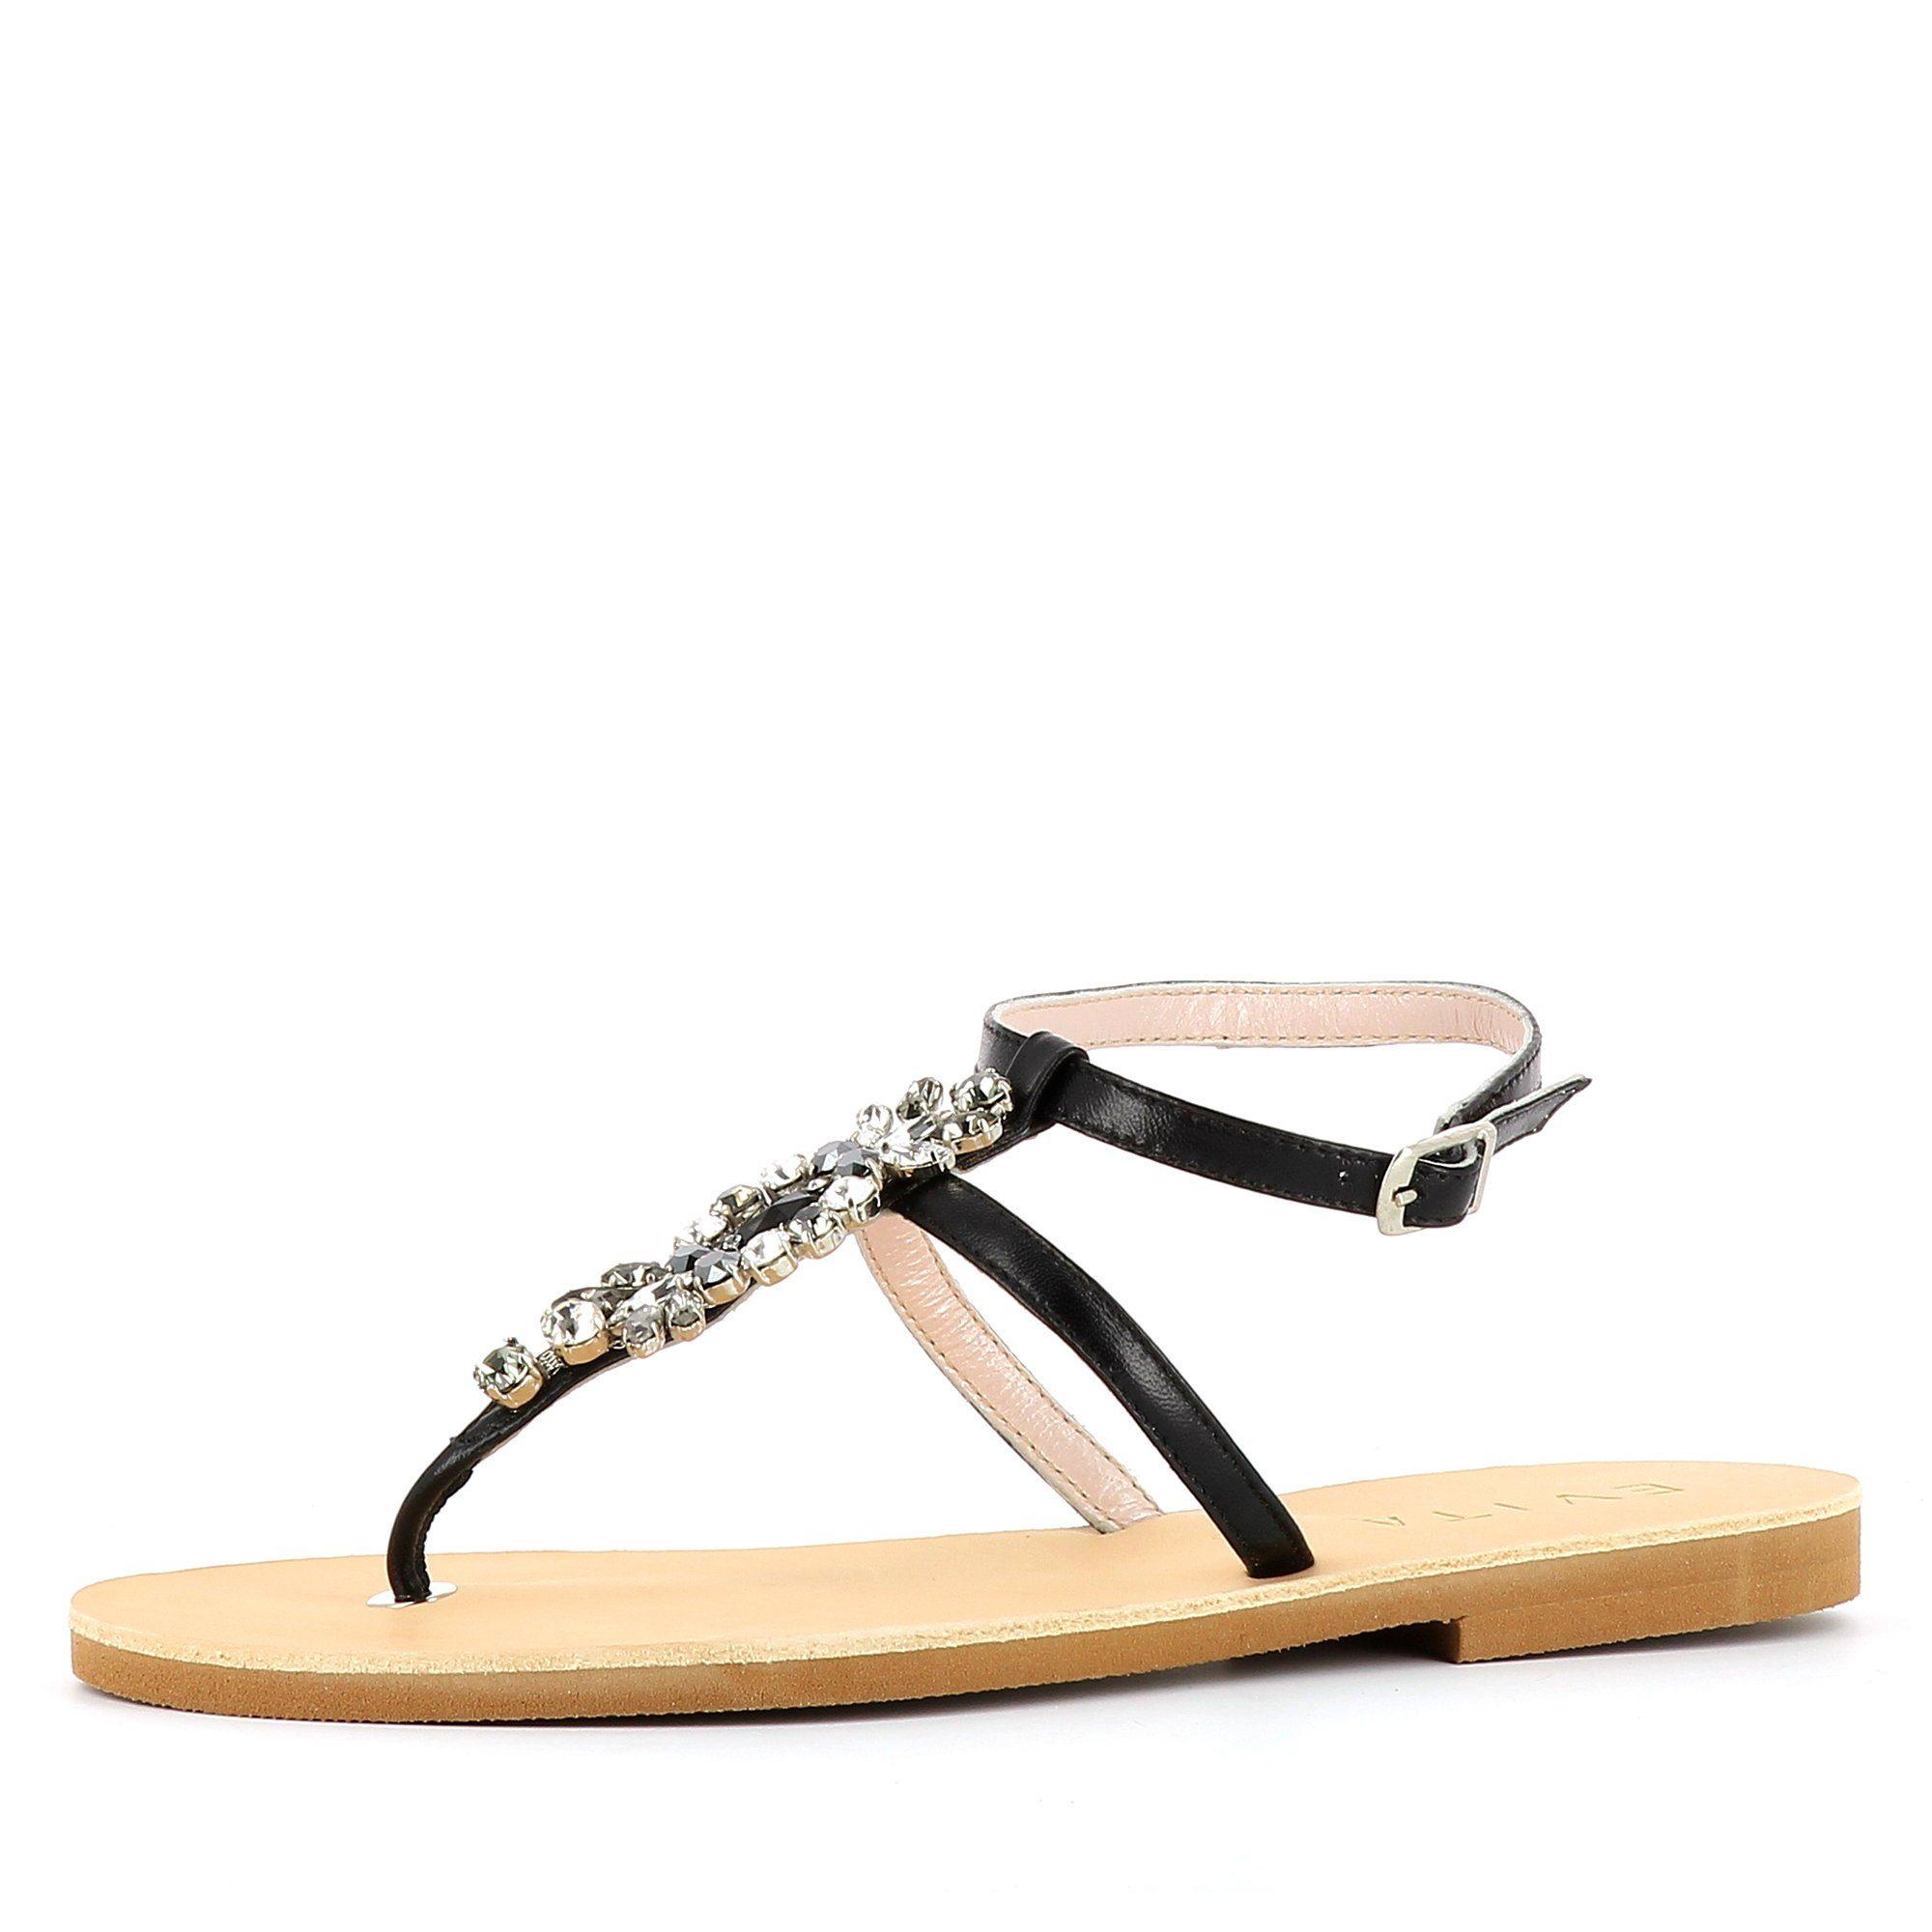 Evita GRETA Riemchensandalette, Sandale kaufen  schwarz